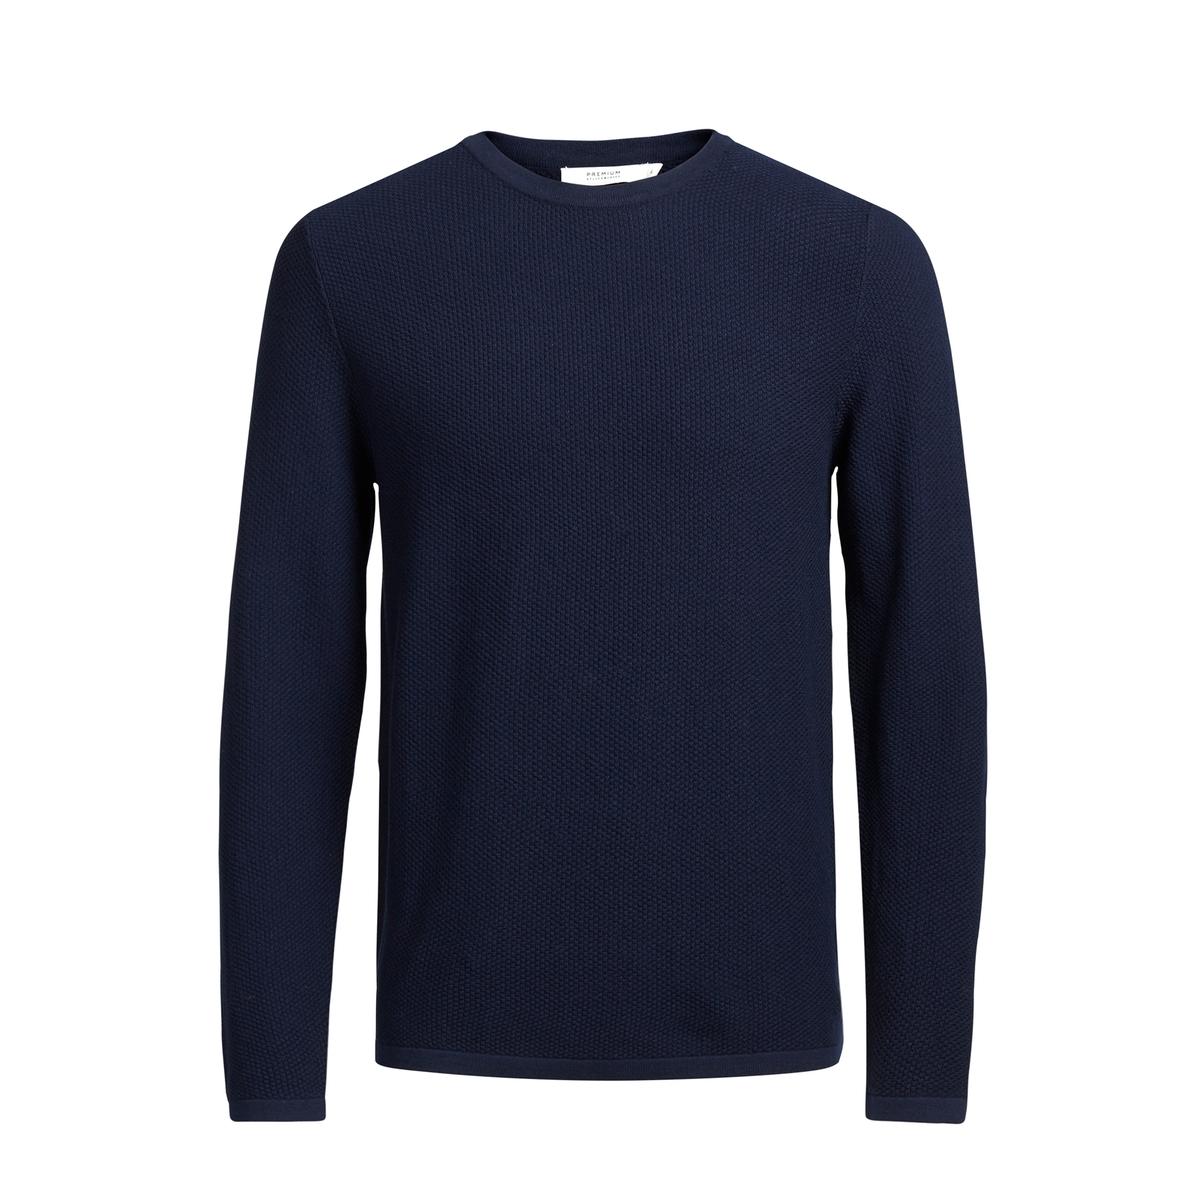 Пуловер из плотного трикотажа с круглым вырезомДетали •  Длинные рукава •  Круглый вырез •  Плотный трикотаж  •  Рисунок тай-энд-дай Состав и уход •  100% хлопок •  Следуйте советам по уходу, указанным на этикетке<br><br>Цвет: серый,синий морской,черный